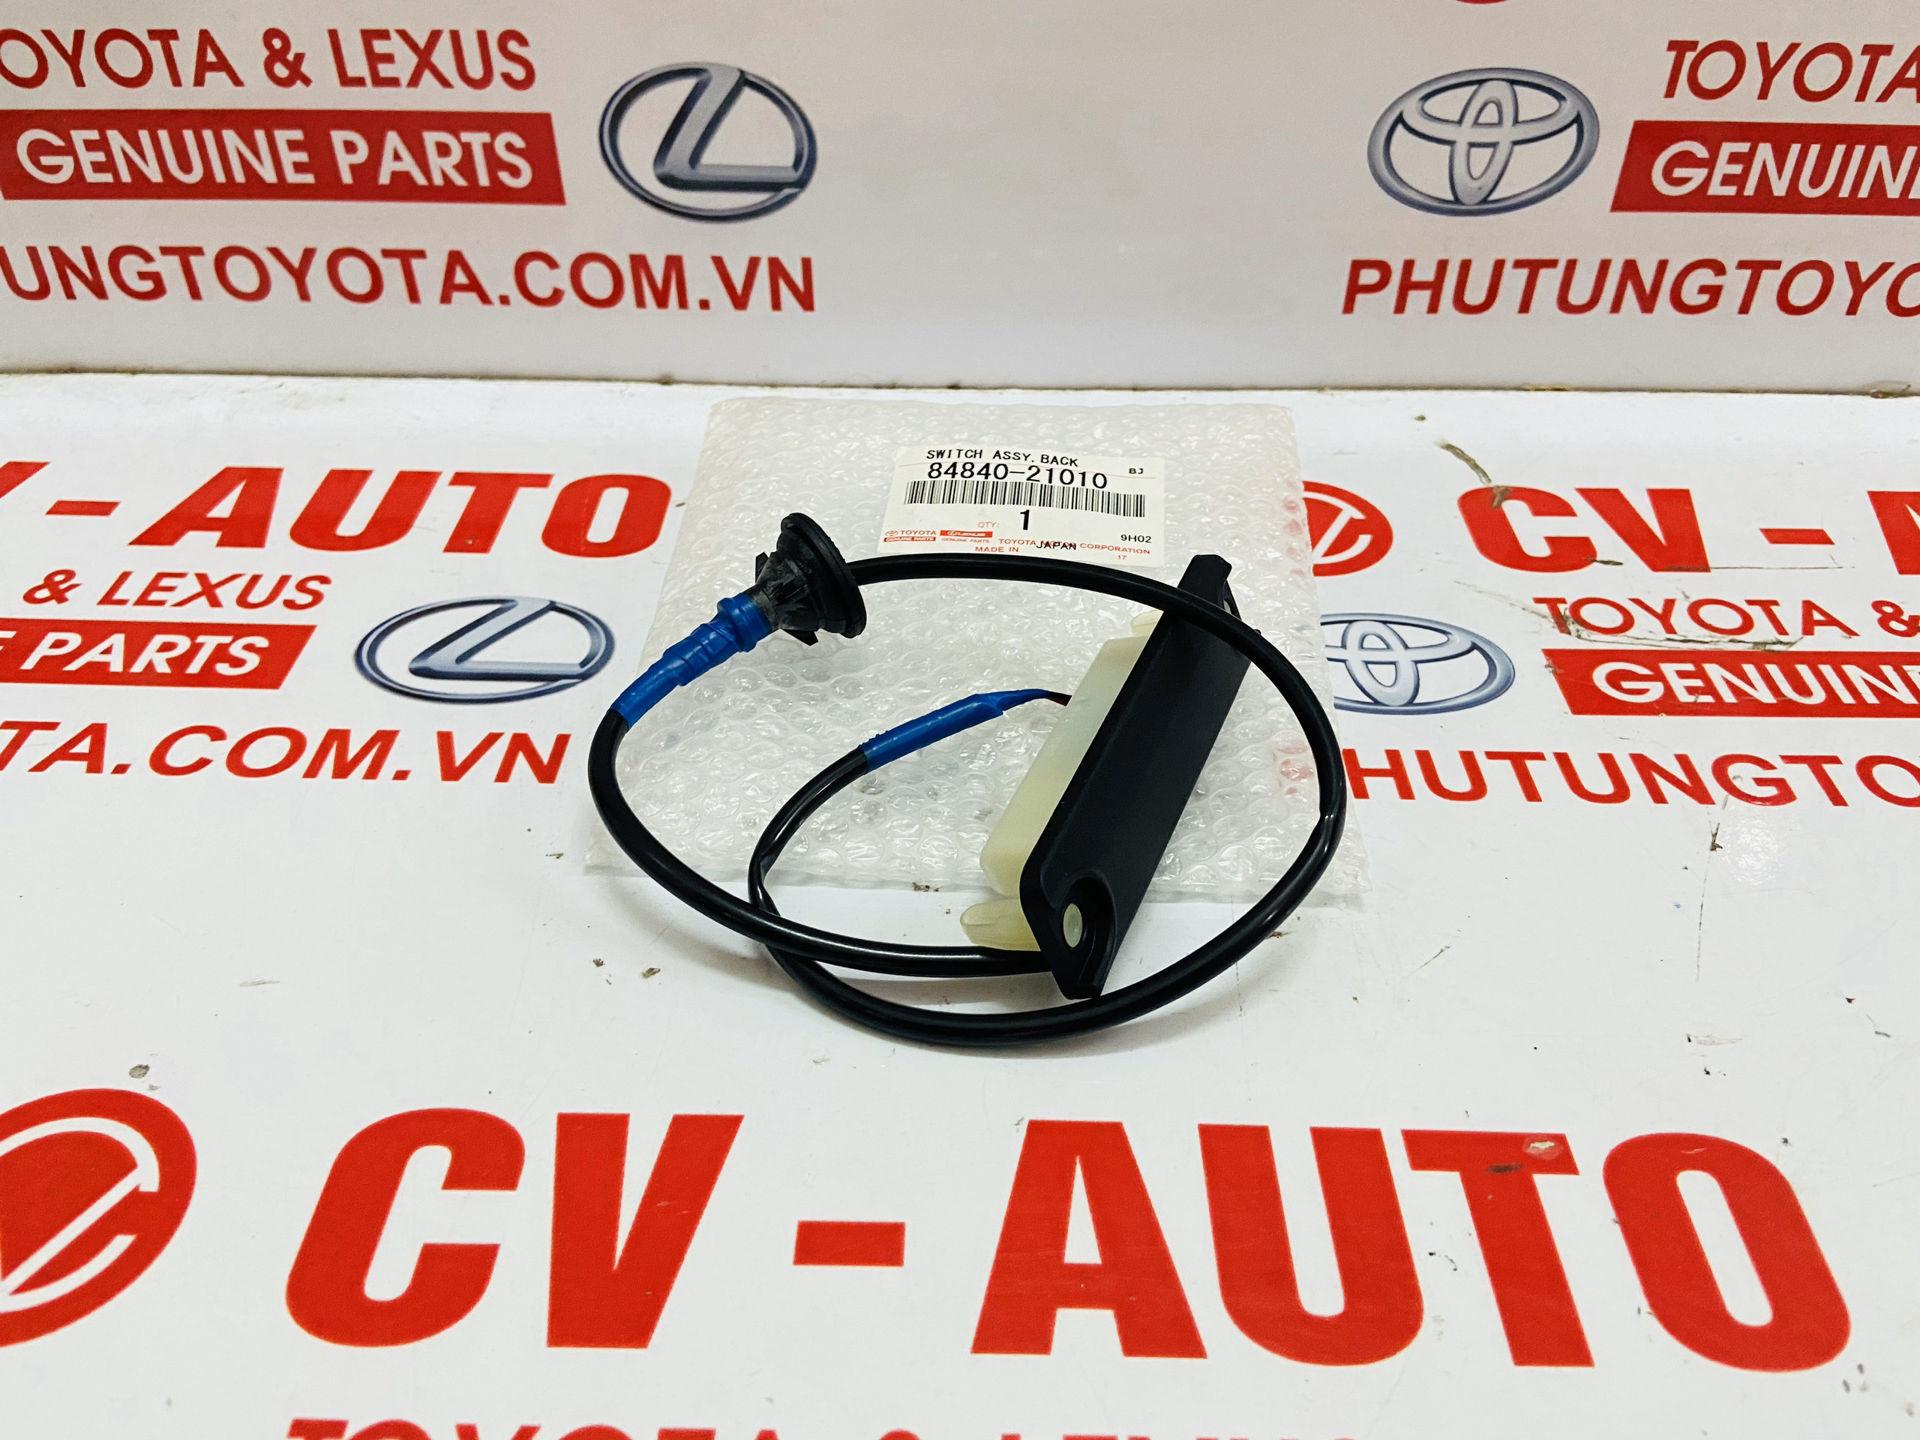 Picture of 84840-21010 Công tắc mở cốp sau Lexus LS460 LS600H GS300 GS350 RX300 RX330 RX350 RX400H